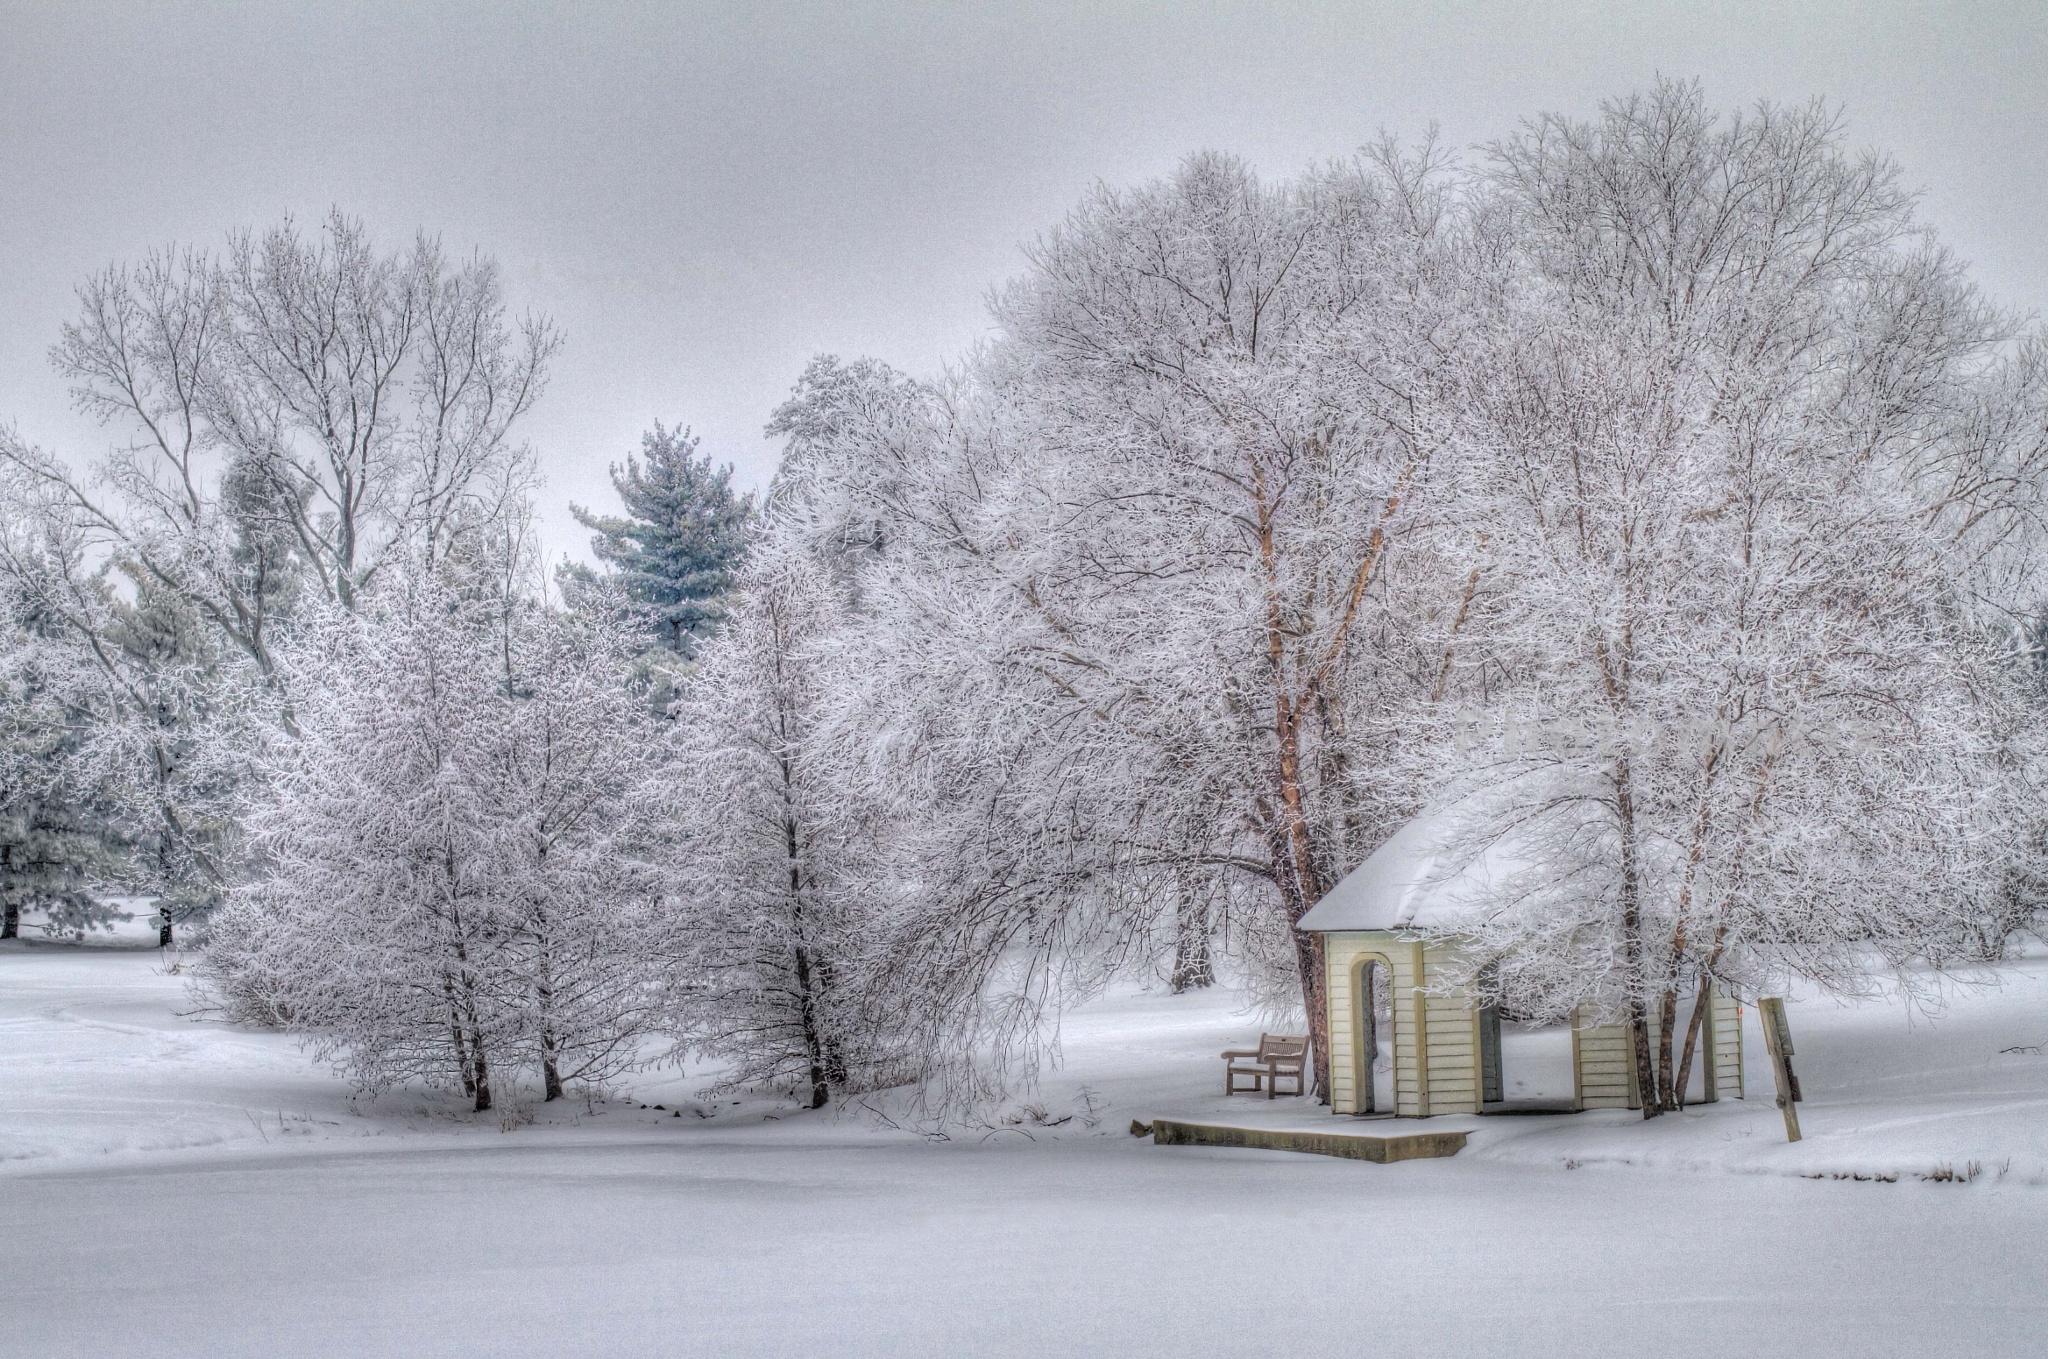 Snow Gazebo by JP Parmley